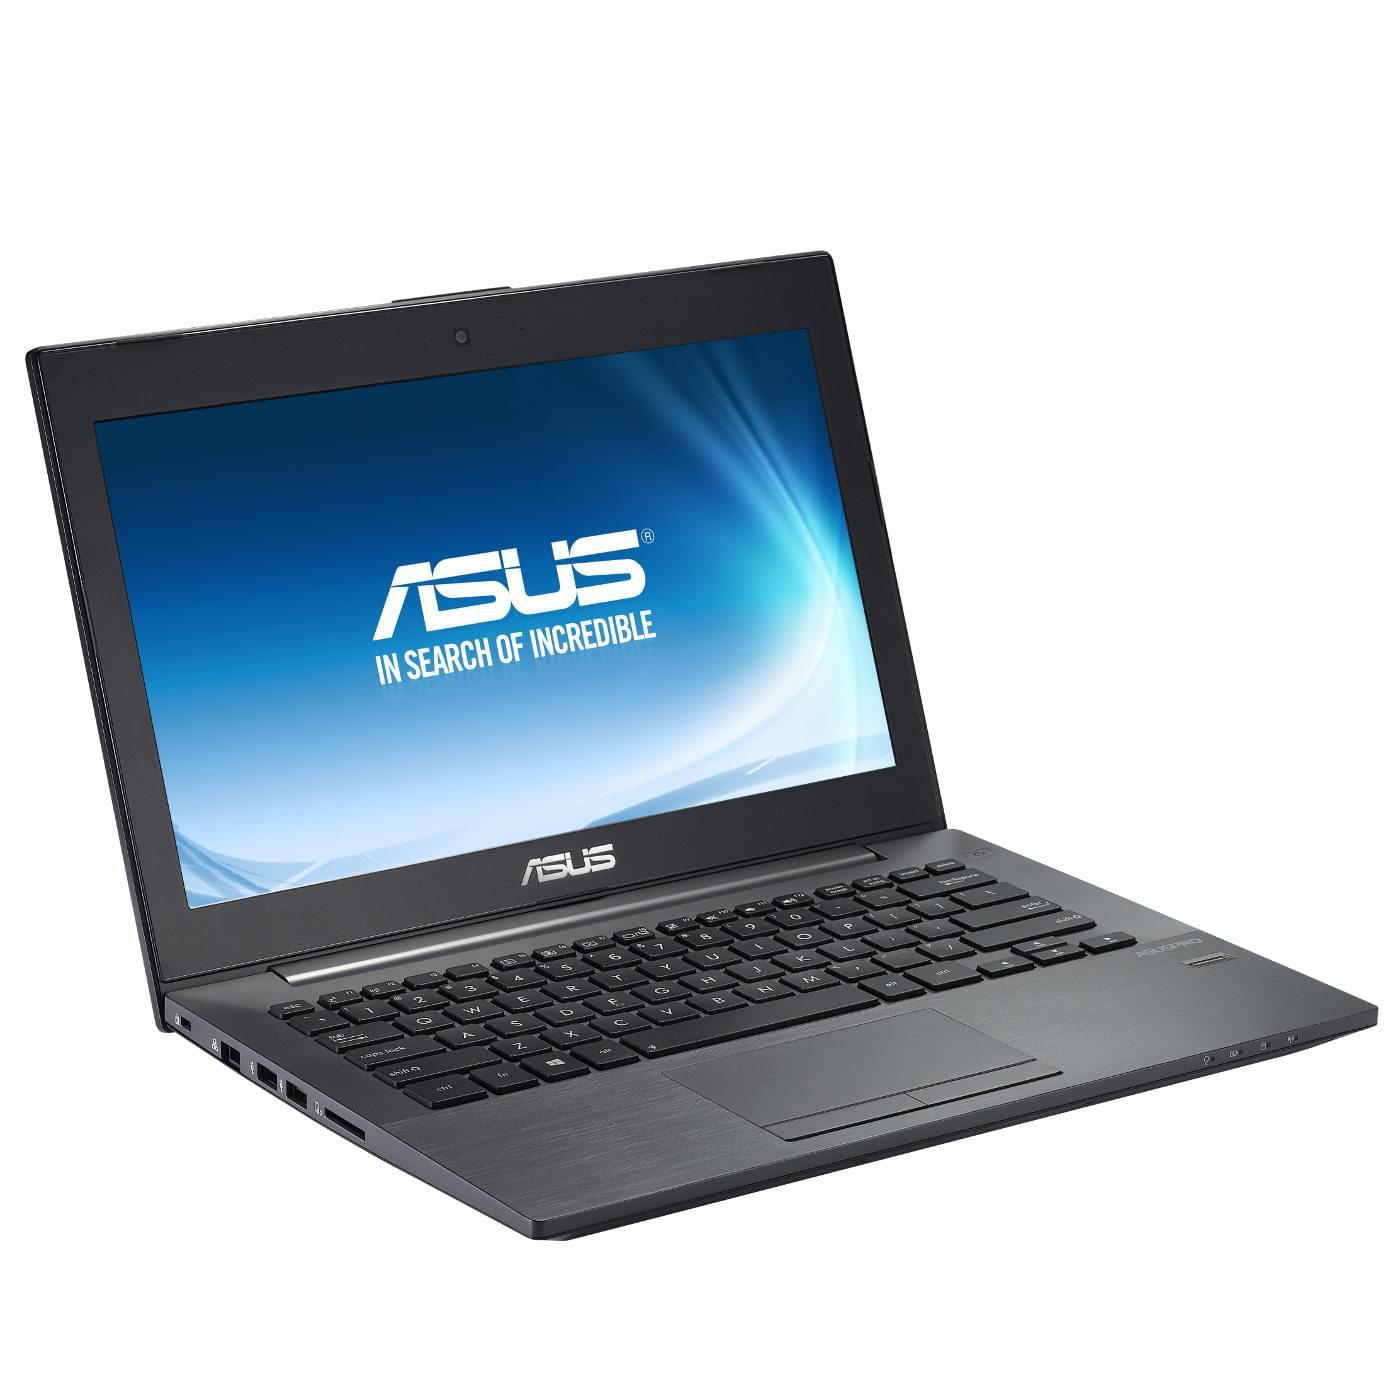 Asus PU301LA-RO123G - PC portable Asus - Cybertek.fr - 0